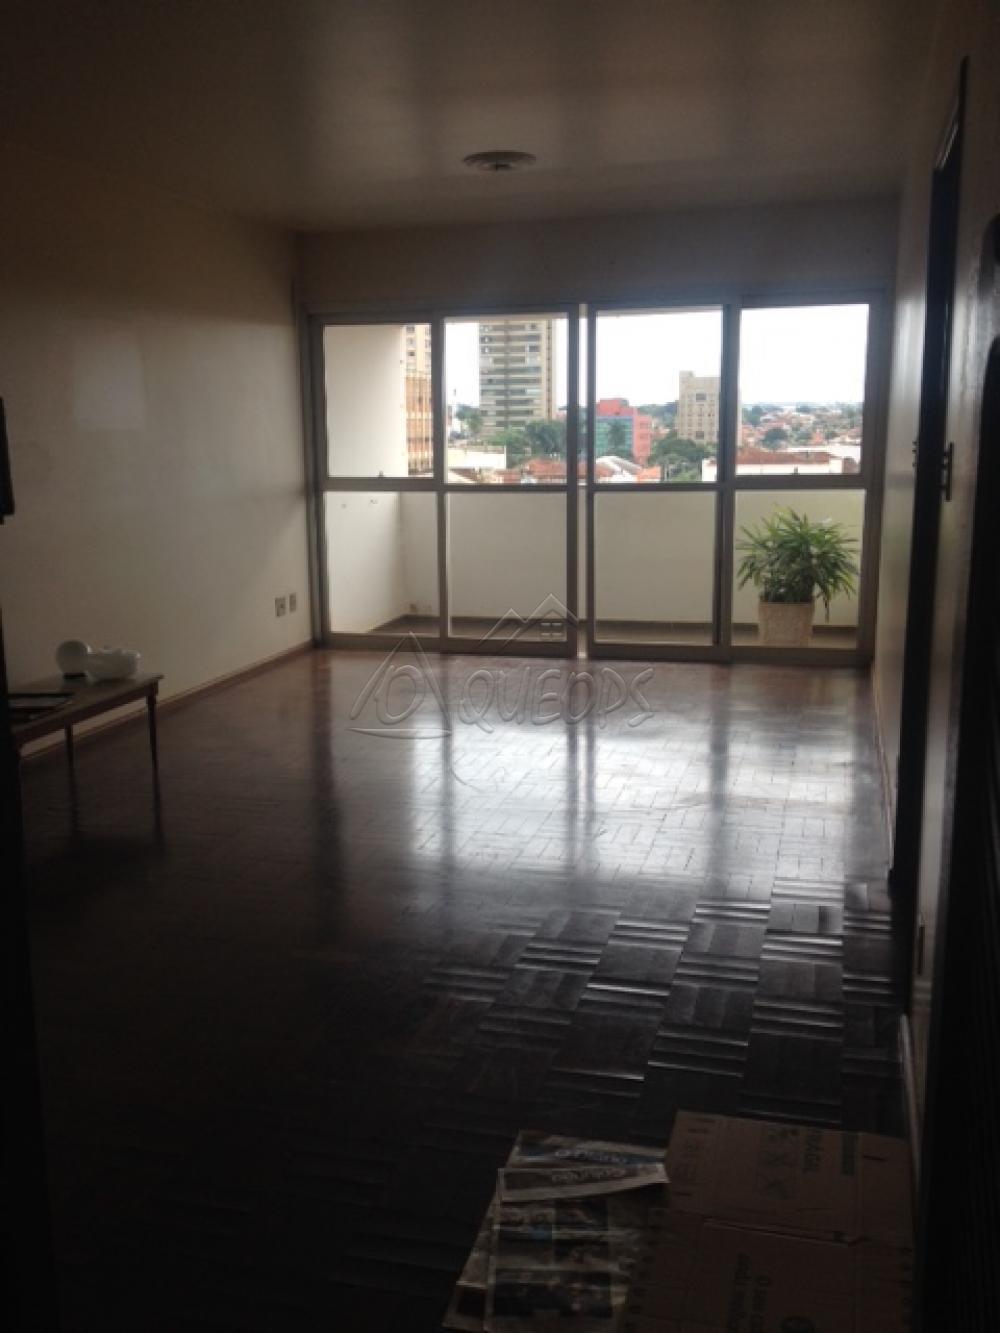 Alugar Apartamento / Padrão em Barretos apenas R$ 1.000,00 - Foto 3